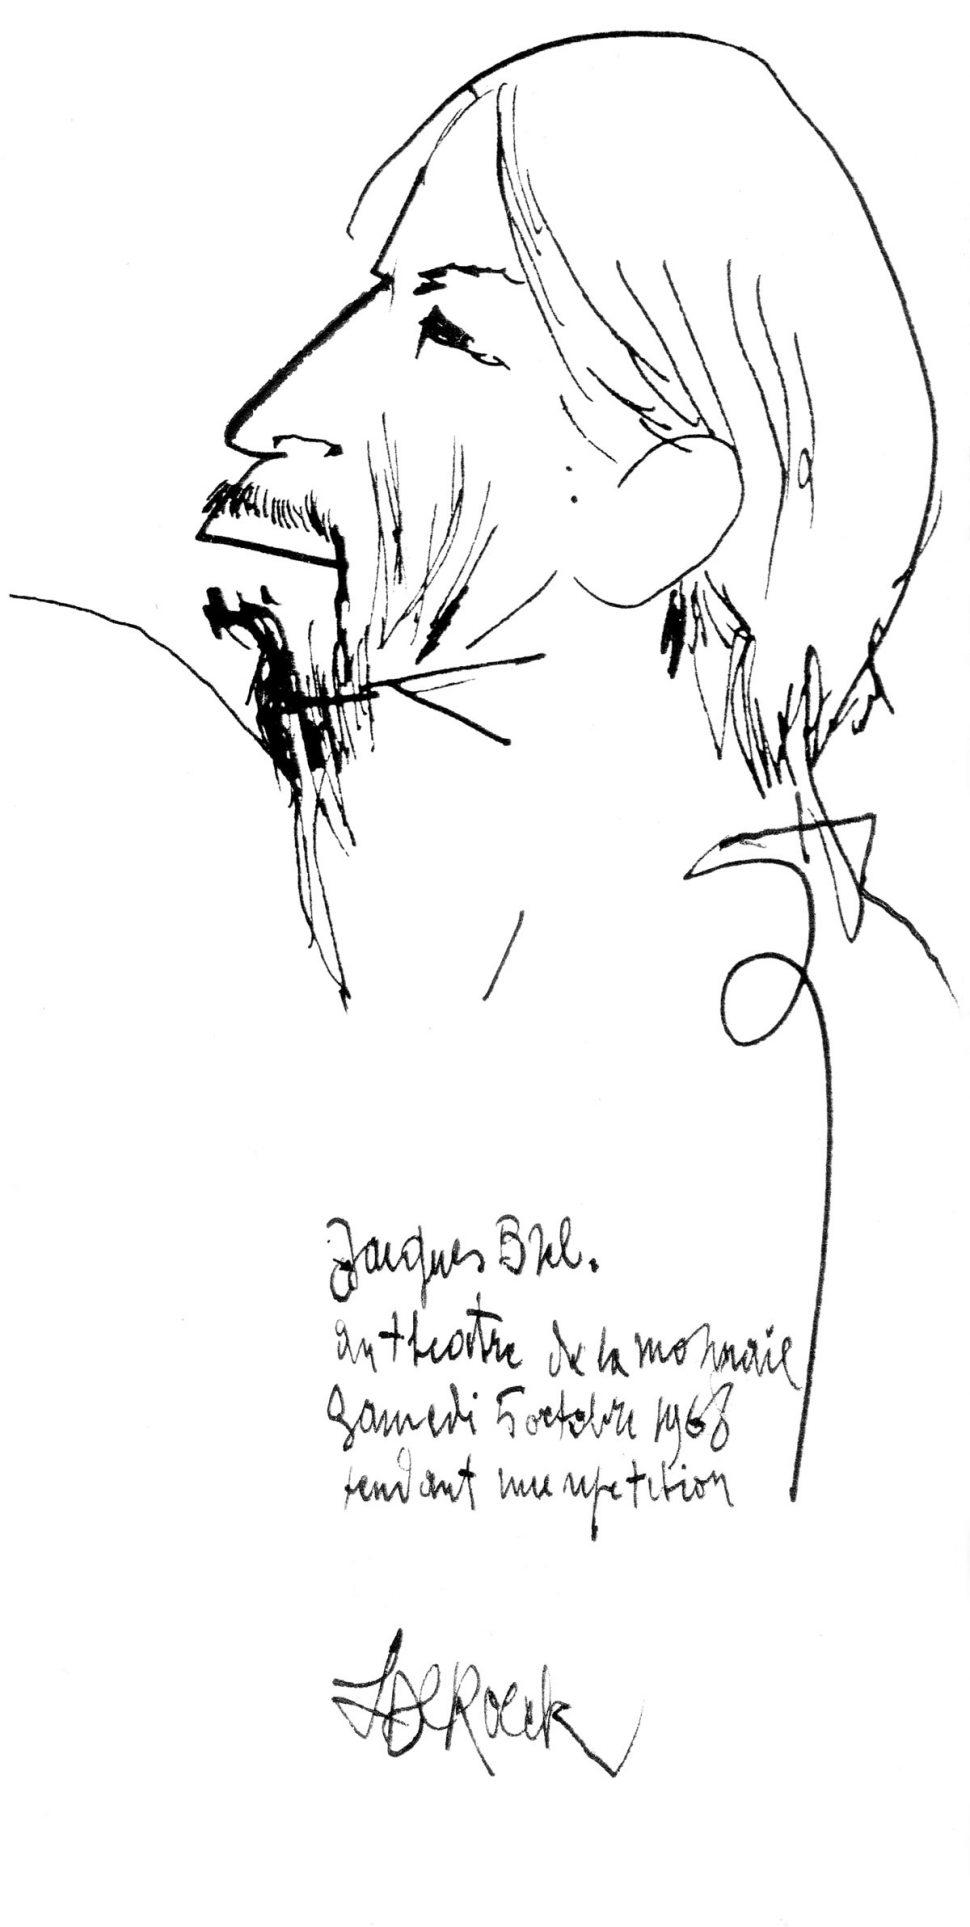 Portret Jaques Brel 5-10-68